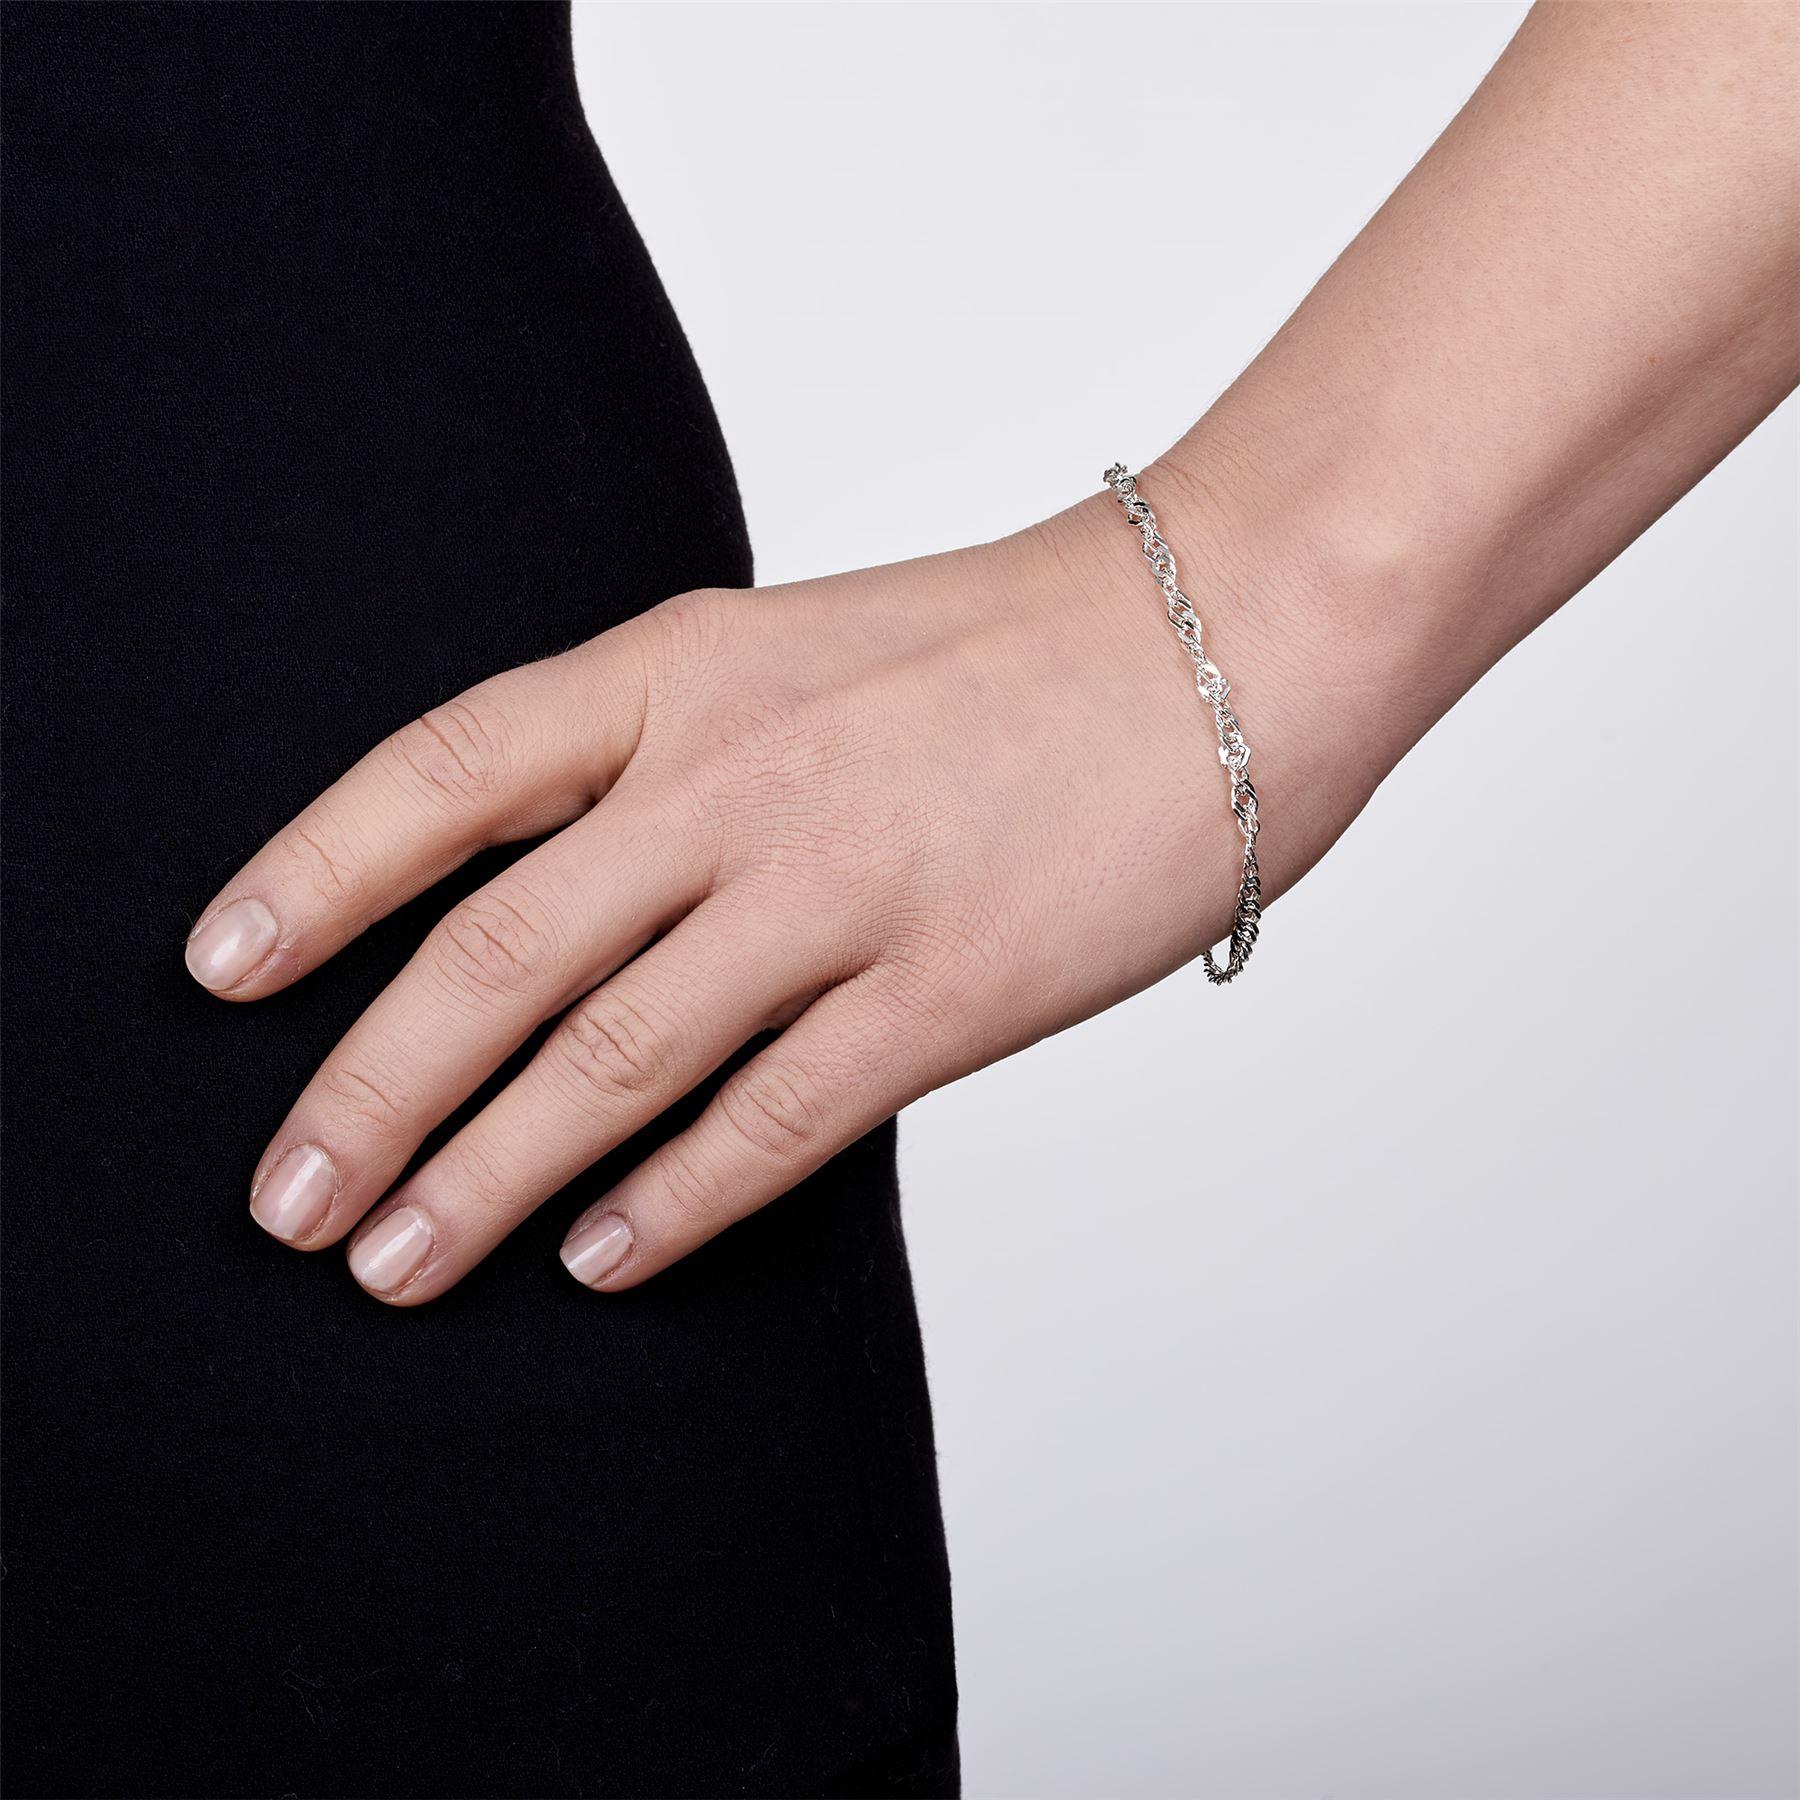 Amberta-Bijoux-Bracelet-en-Vrai-Argent-Sterling-925-Chaine-pour-Femme-a-la-Mode thumbnail 88